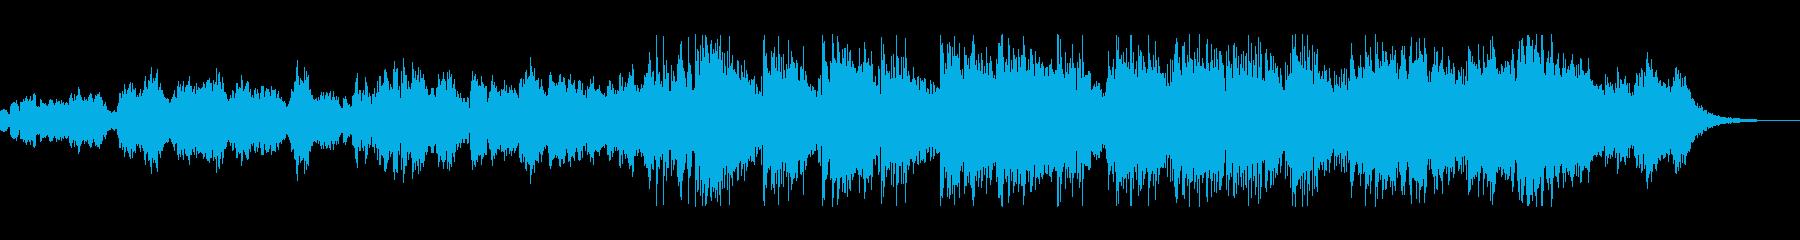 温もりと心地よさ感じるヒーリング曲の再生済みの波形